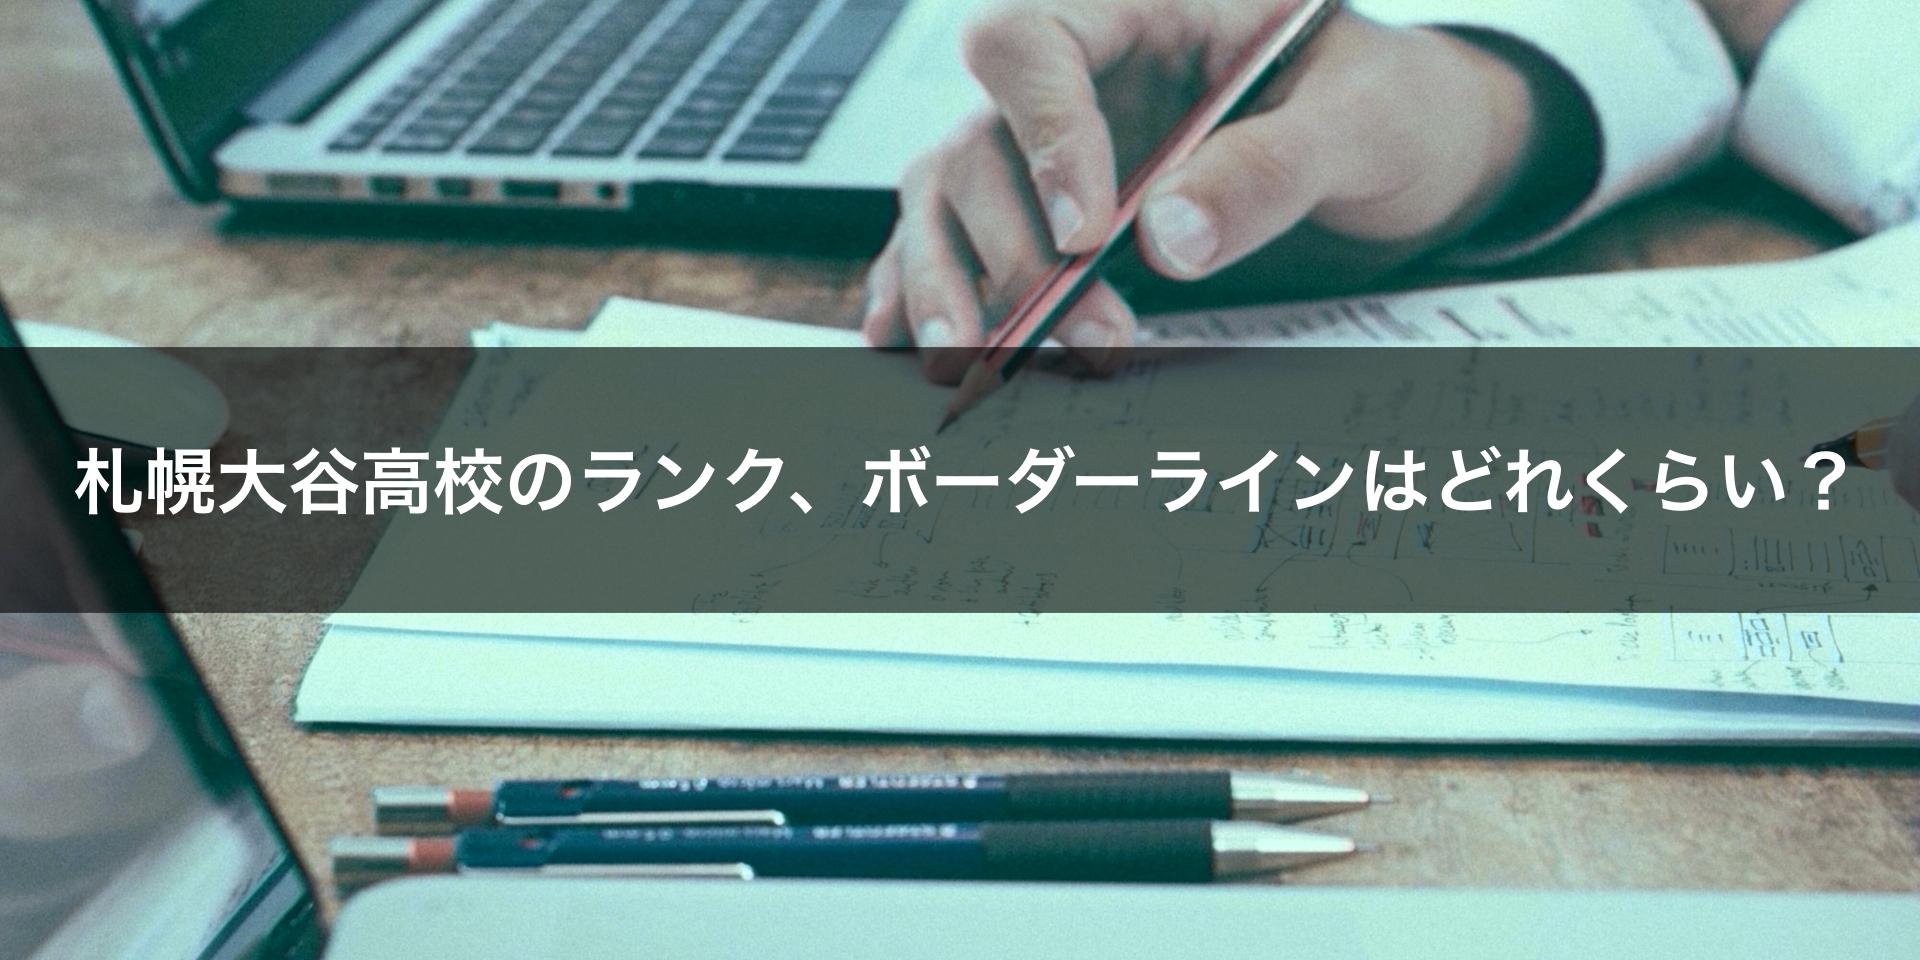 札幌大谷高校のランク、ボーダーラインはどれくらい?